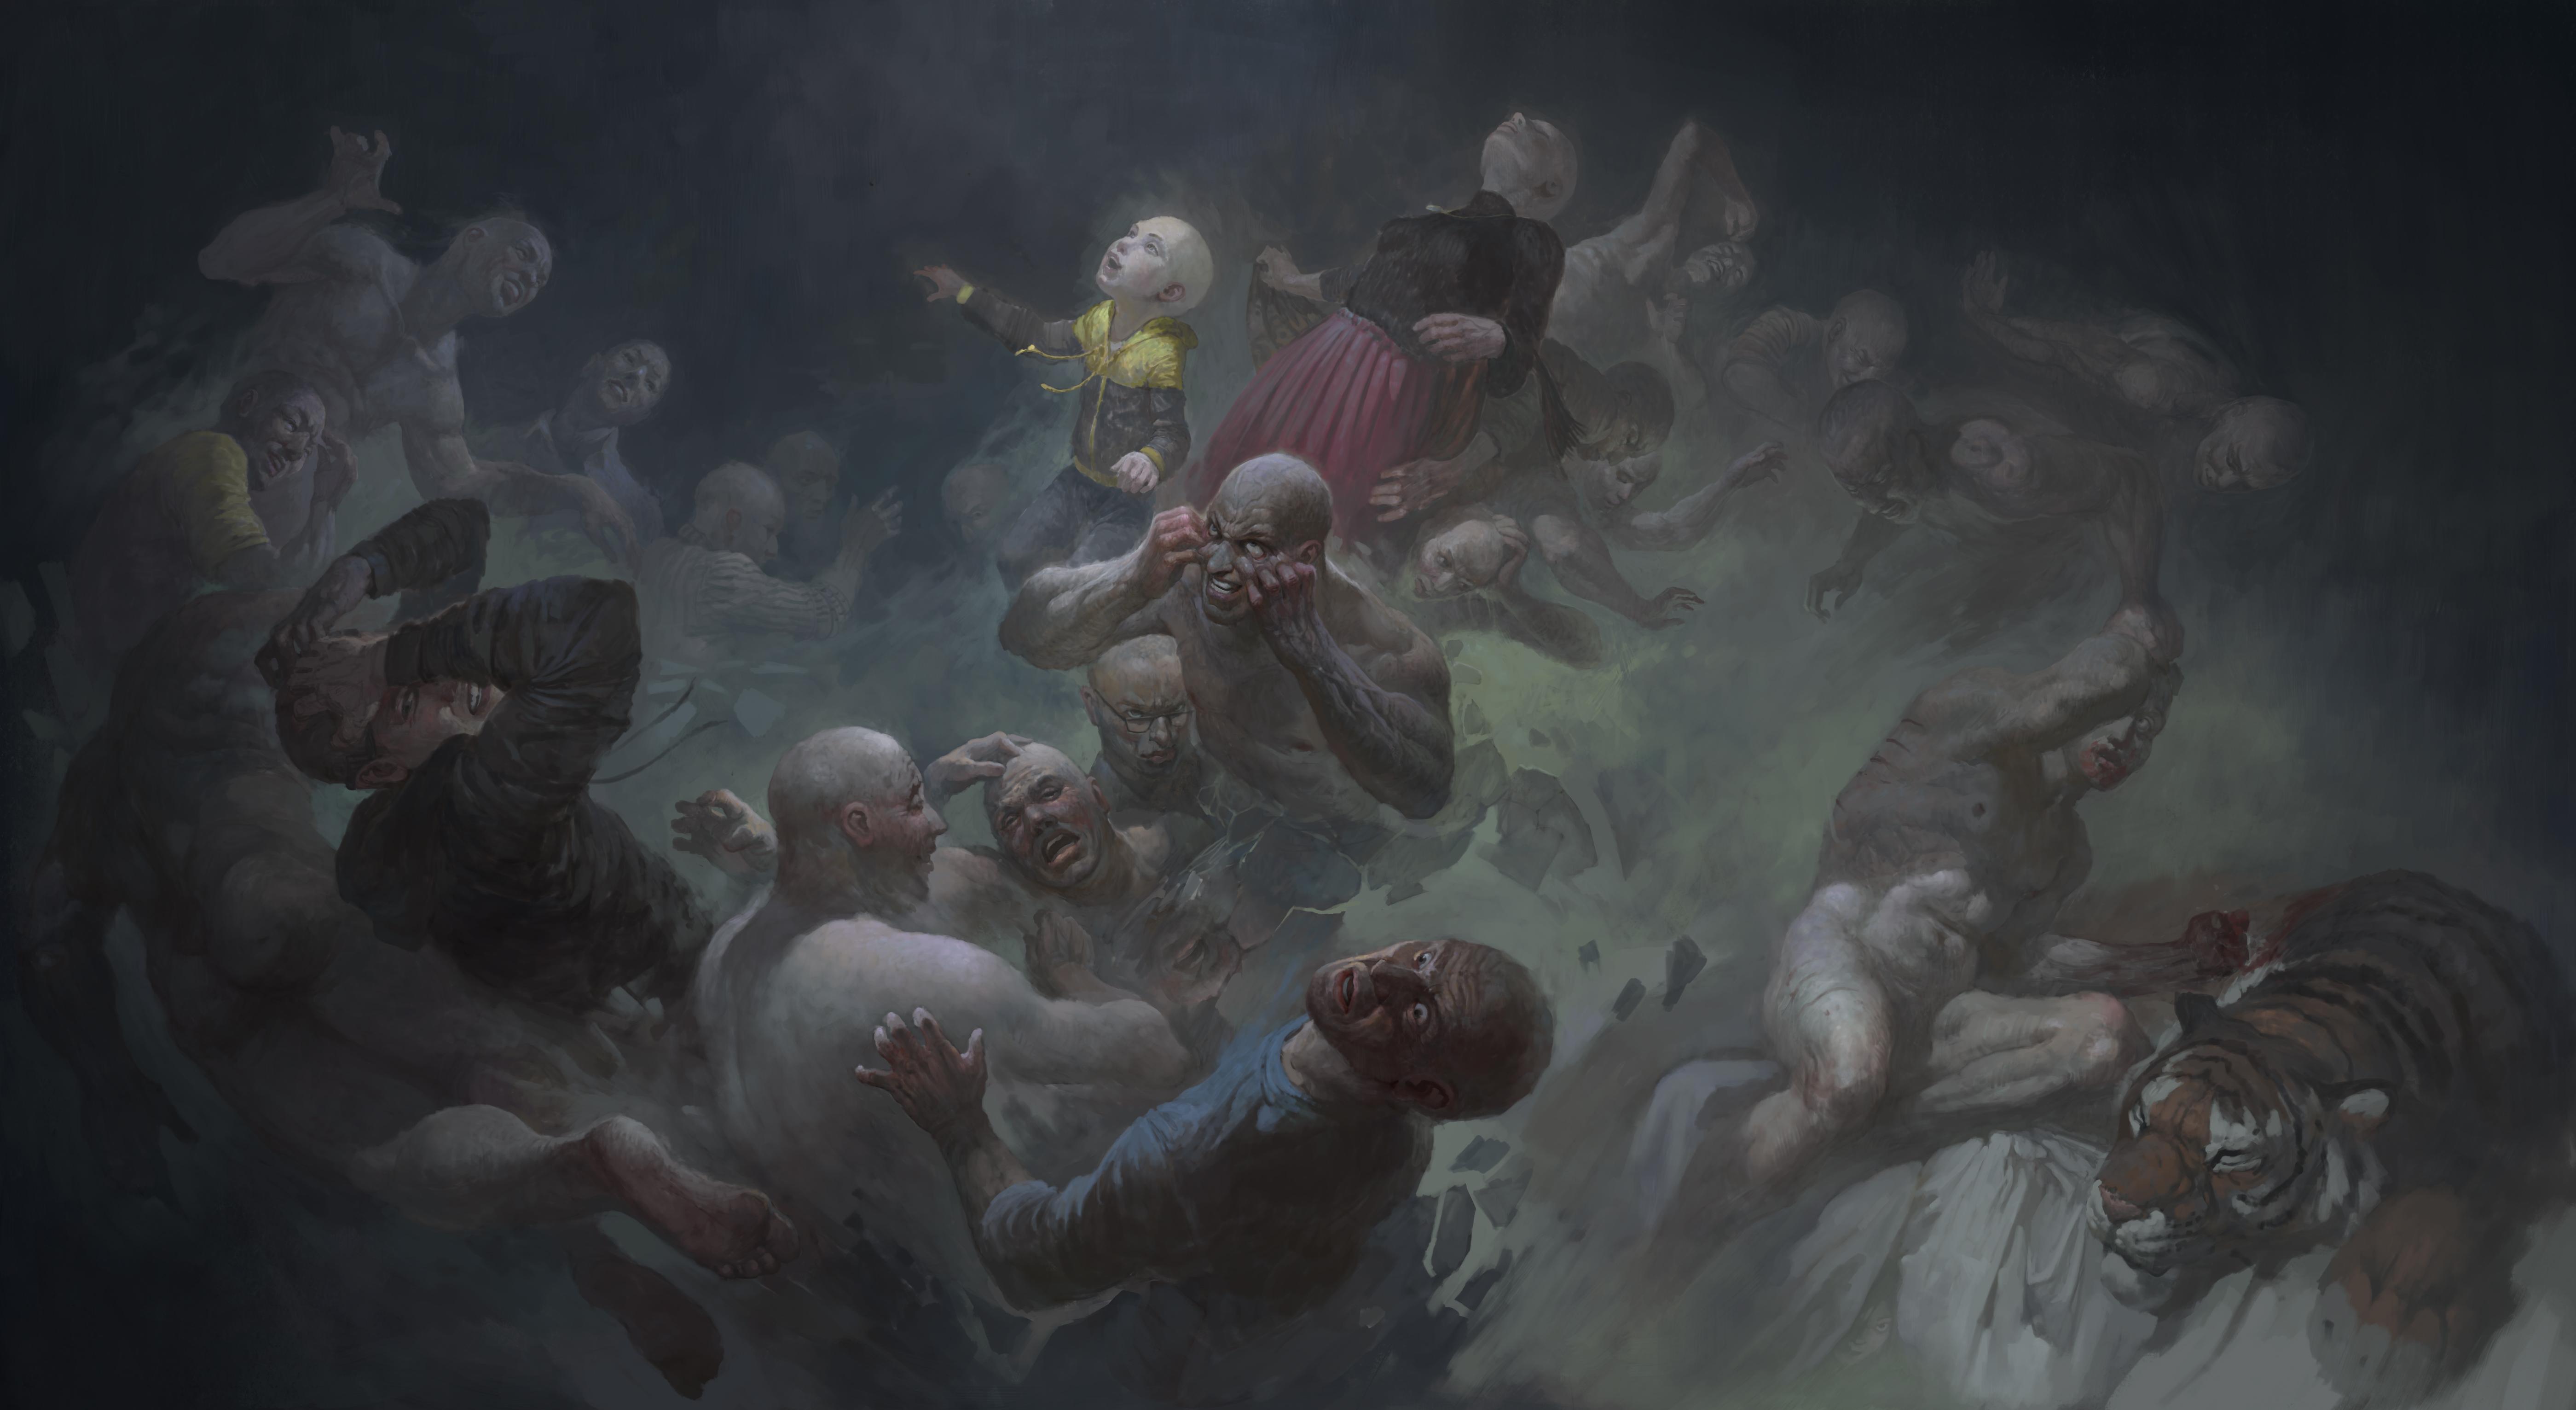 Zombie Bedroom Wallpaper